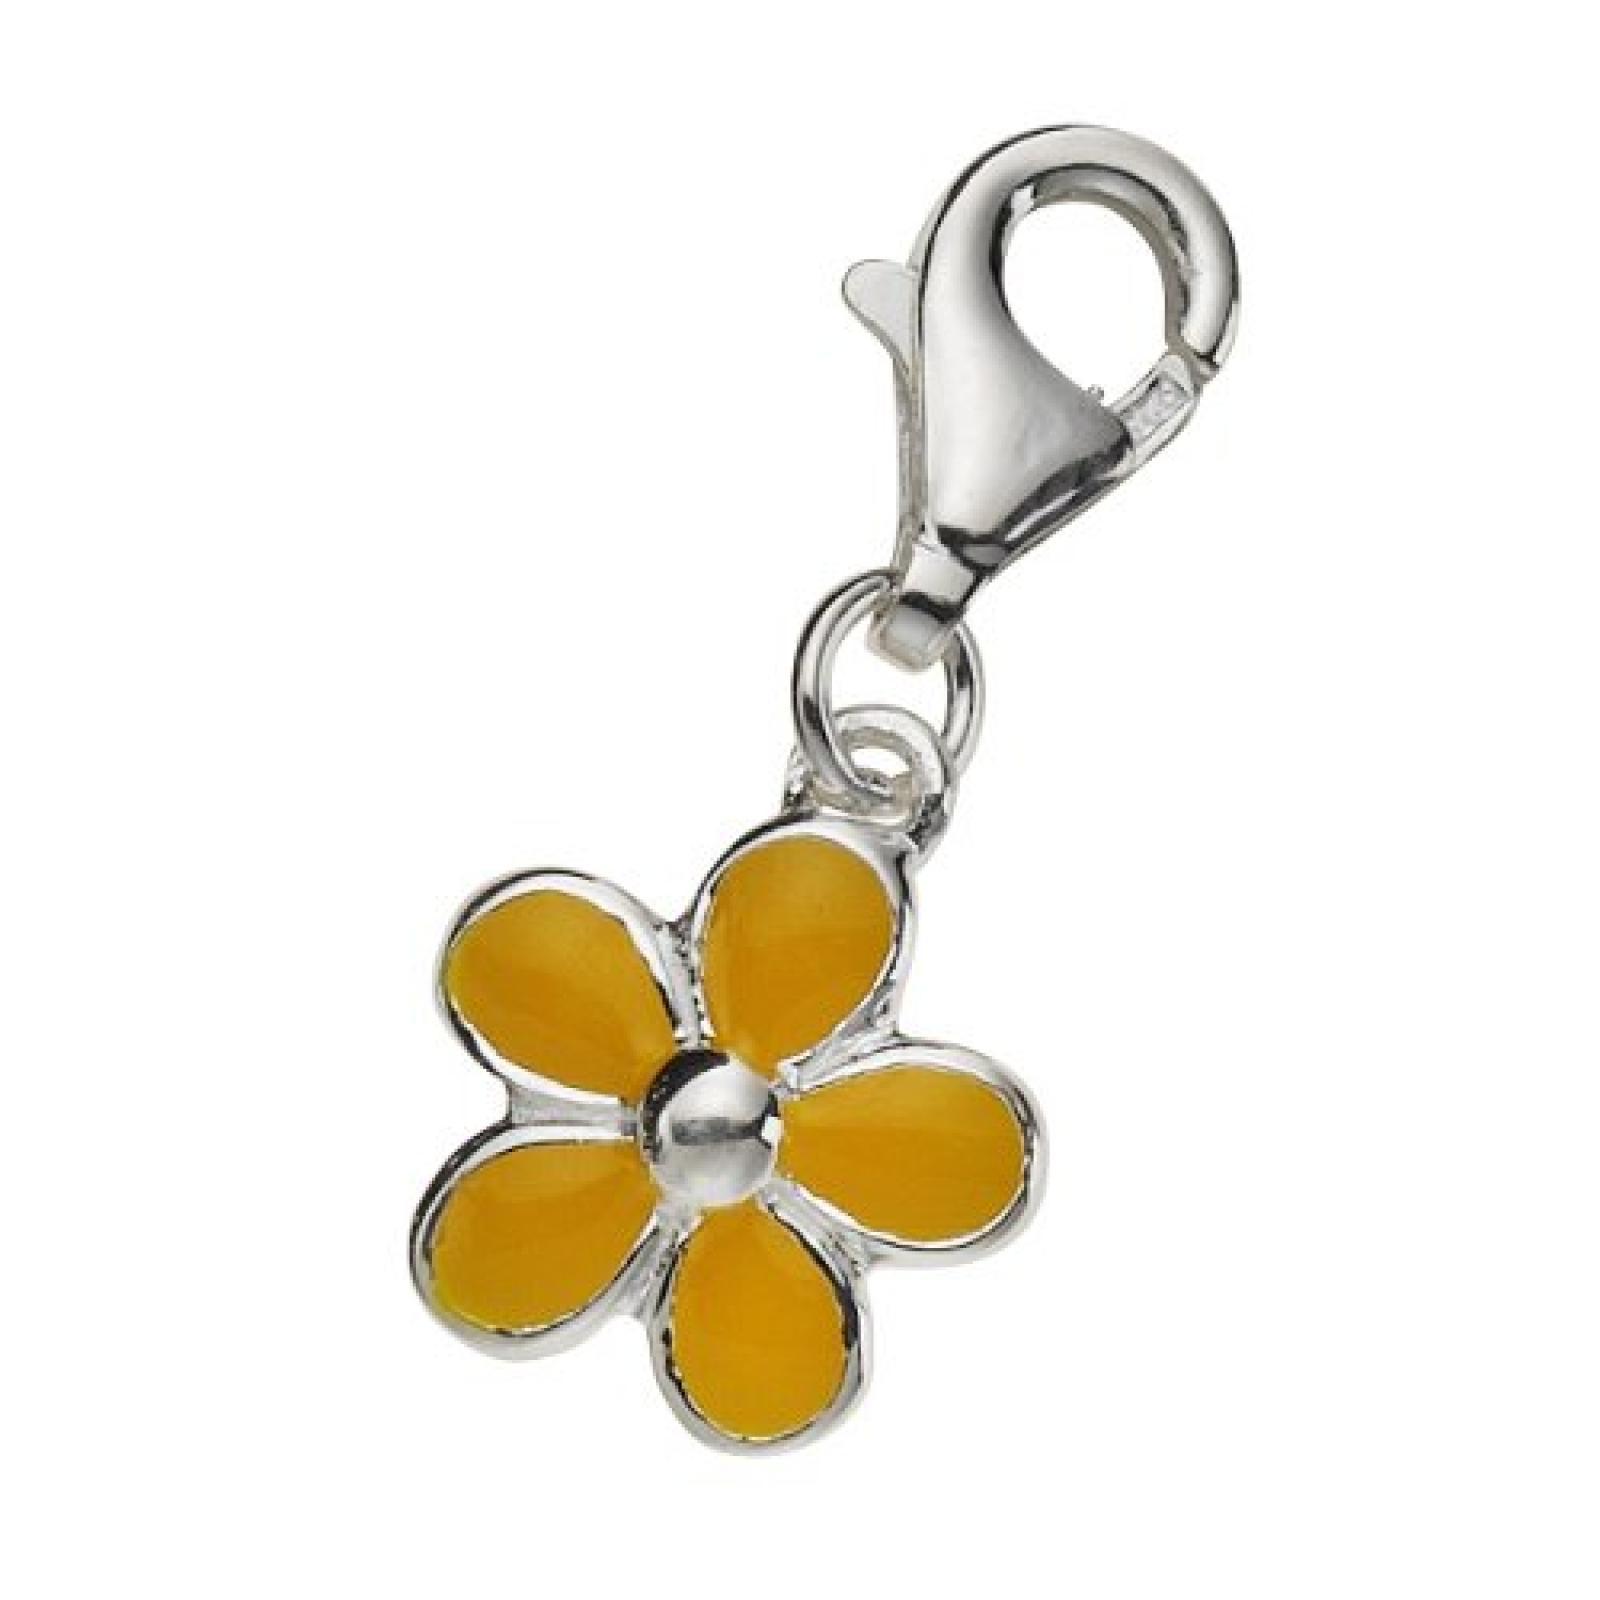 Zeeme Damen-Anhänger 925/- Sterling Silber Mit Gelbem Lack Blume 280240042